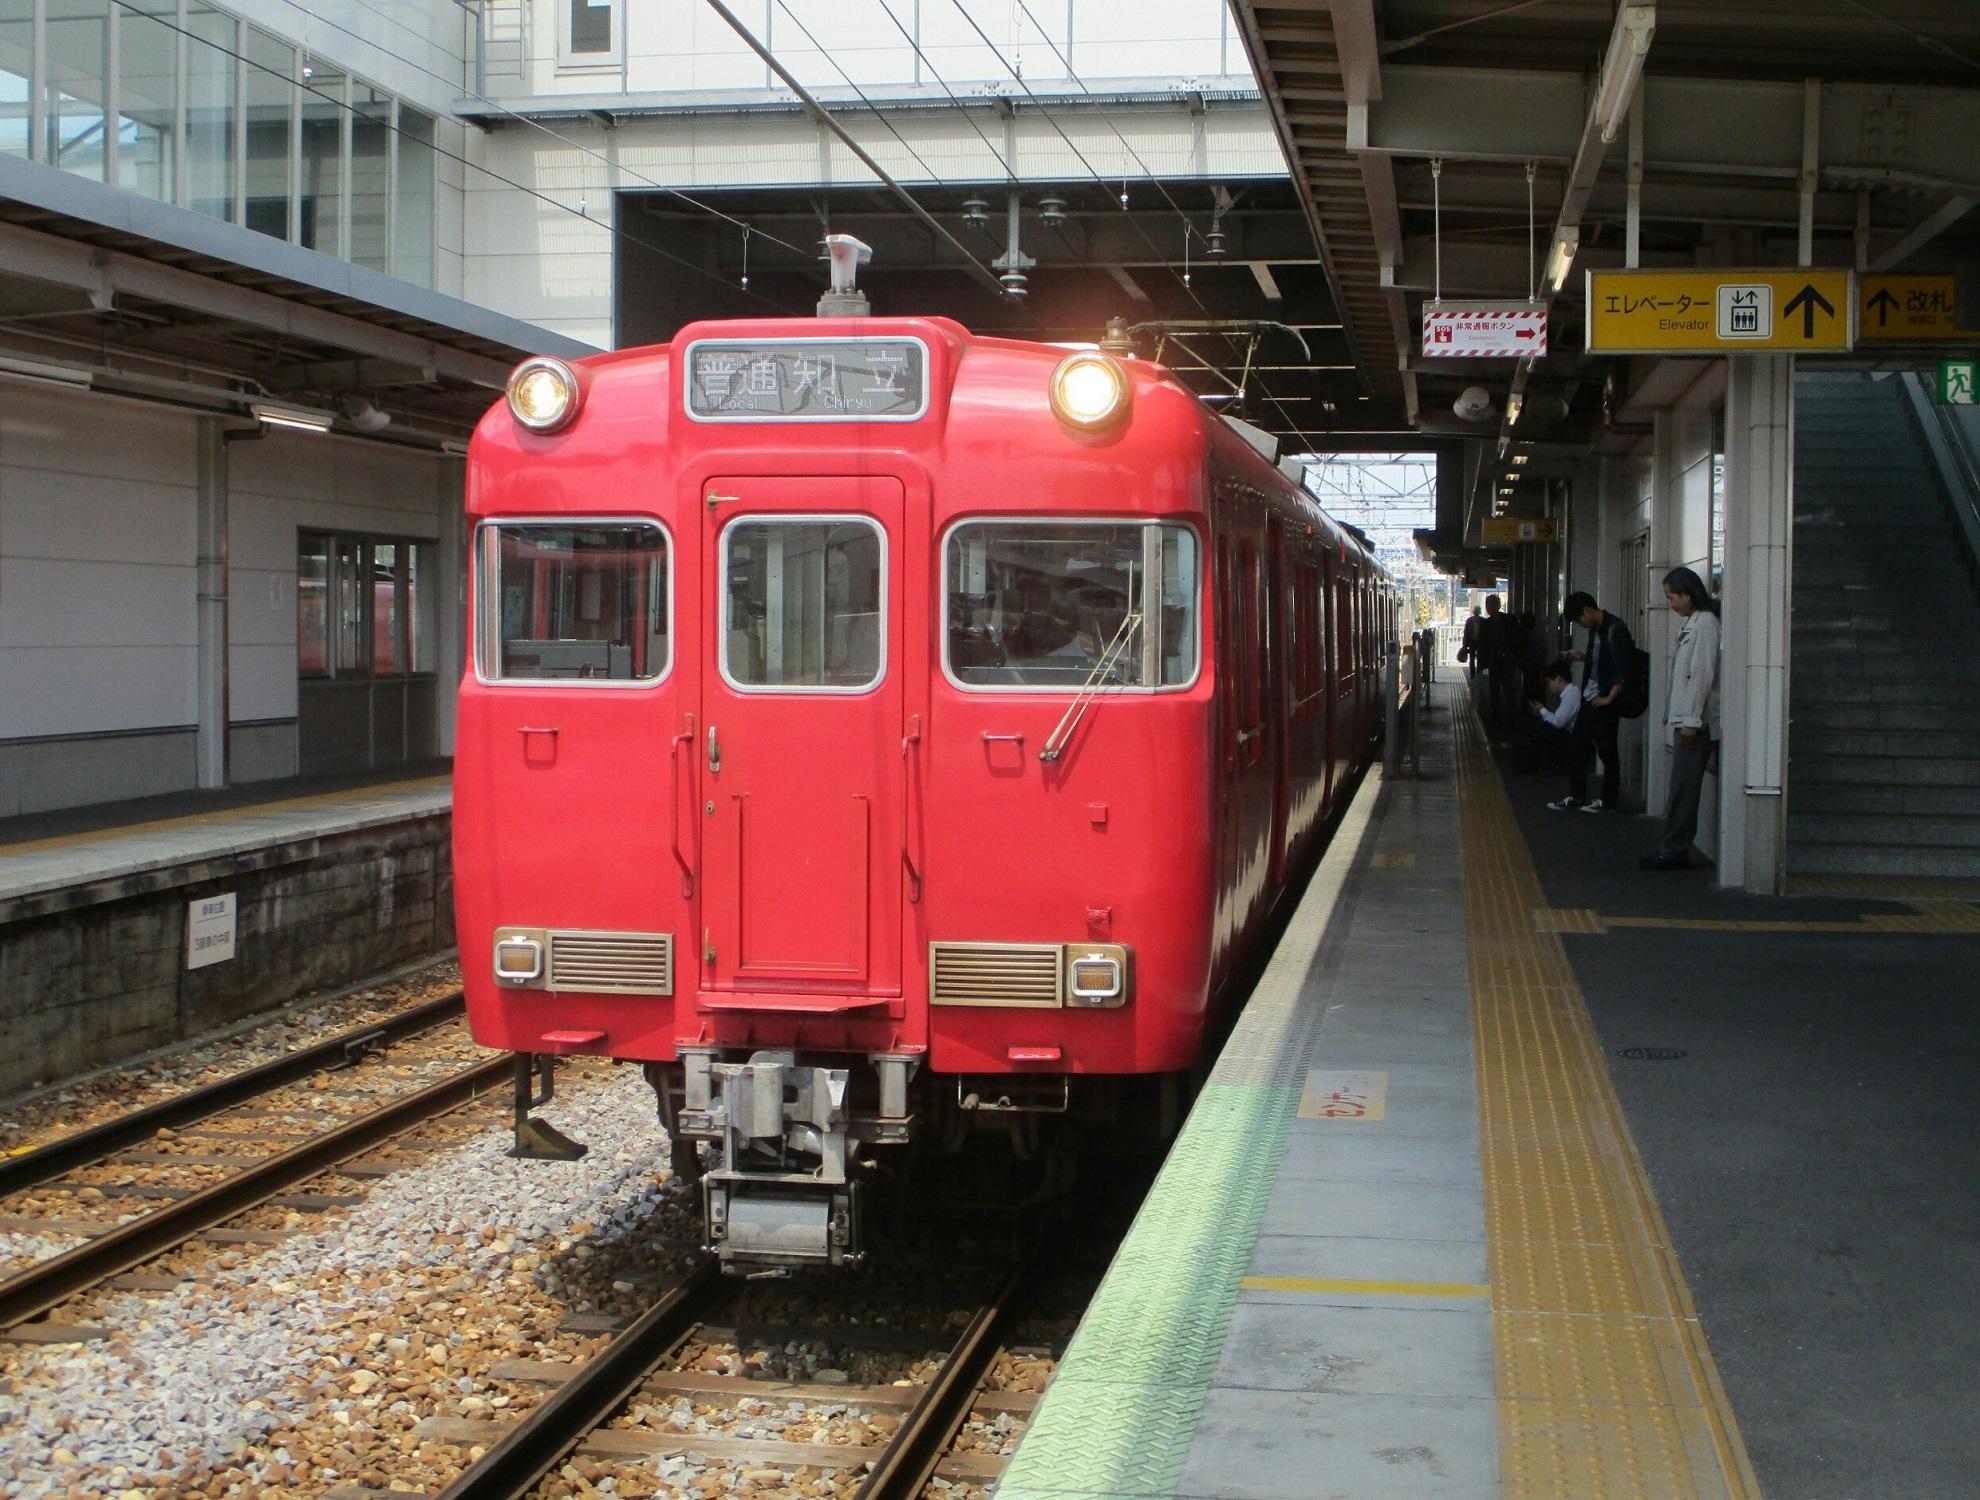 2019.6.13 (26) 土橋 - 知立いきふつう 1980-1500